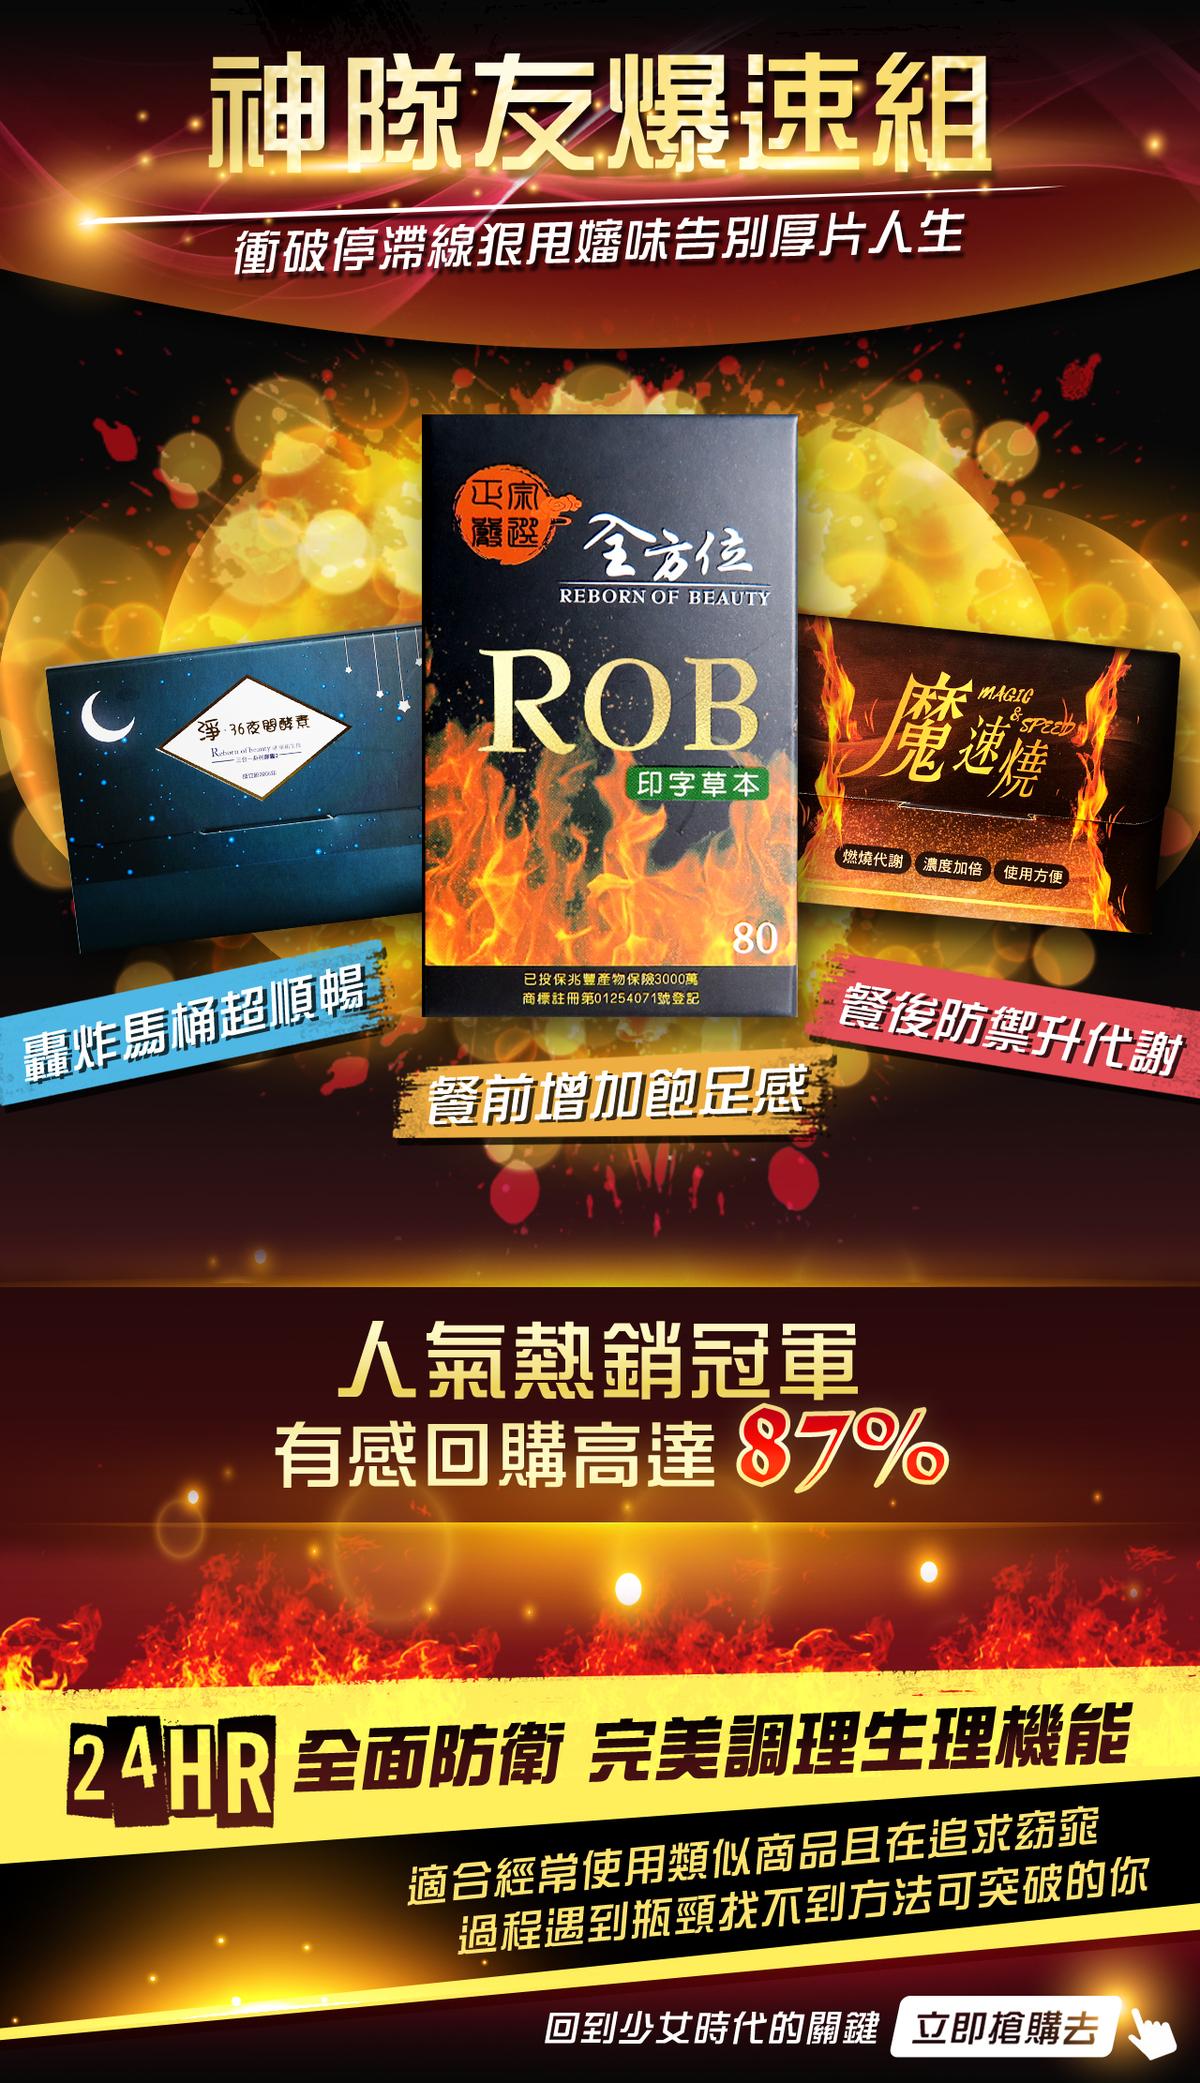 ROB旗艦官網|爆速神隊友3合1